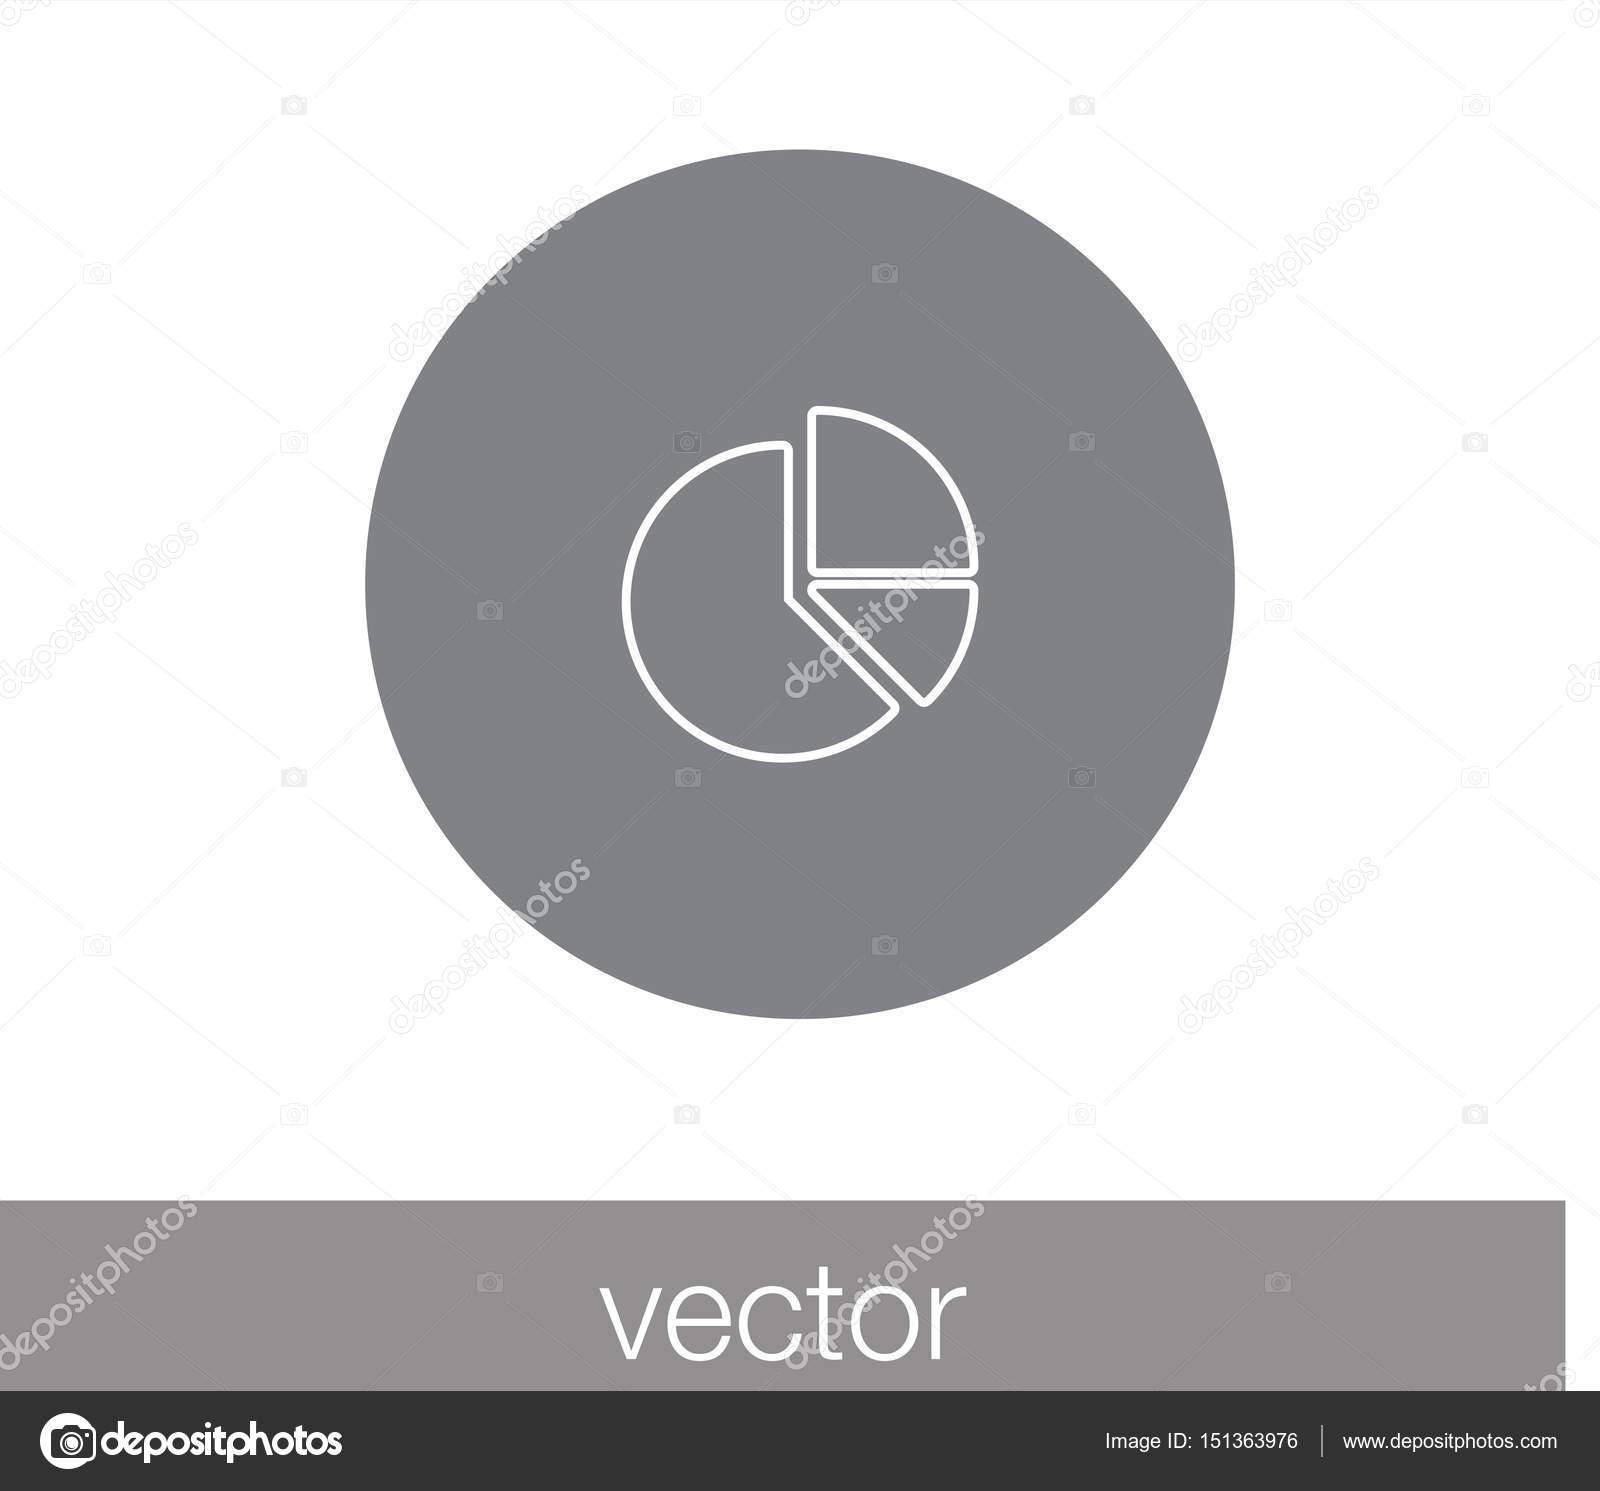 Pie chart icon stock vector signsandsymbolsemail 151363976 vector illustration of pie chart icon vector by signsandsymbolsemail geenschuldenfo Images